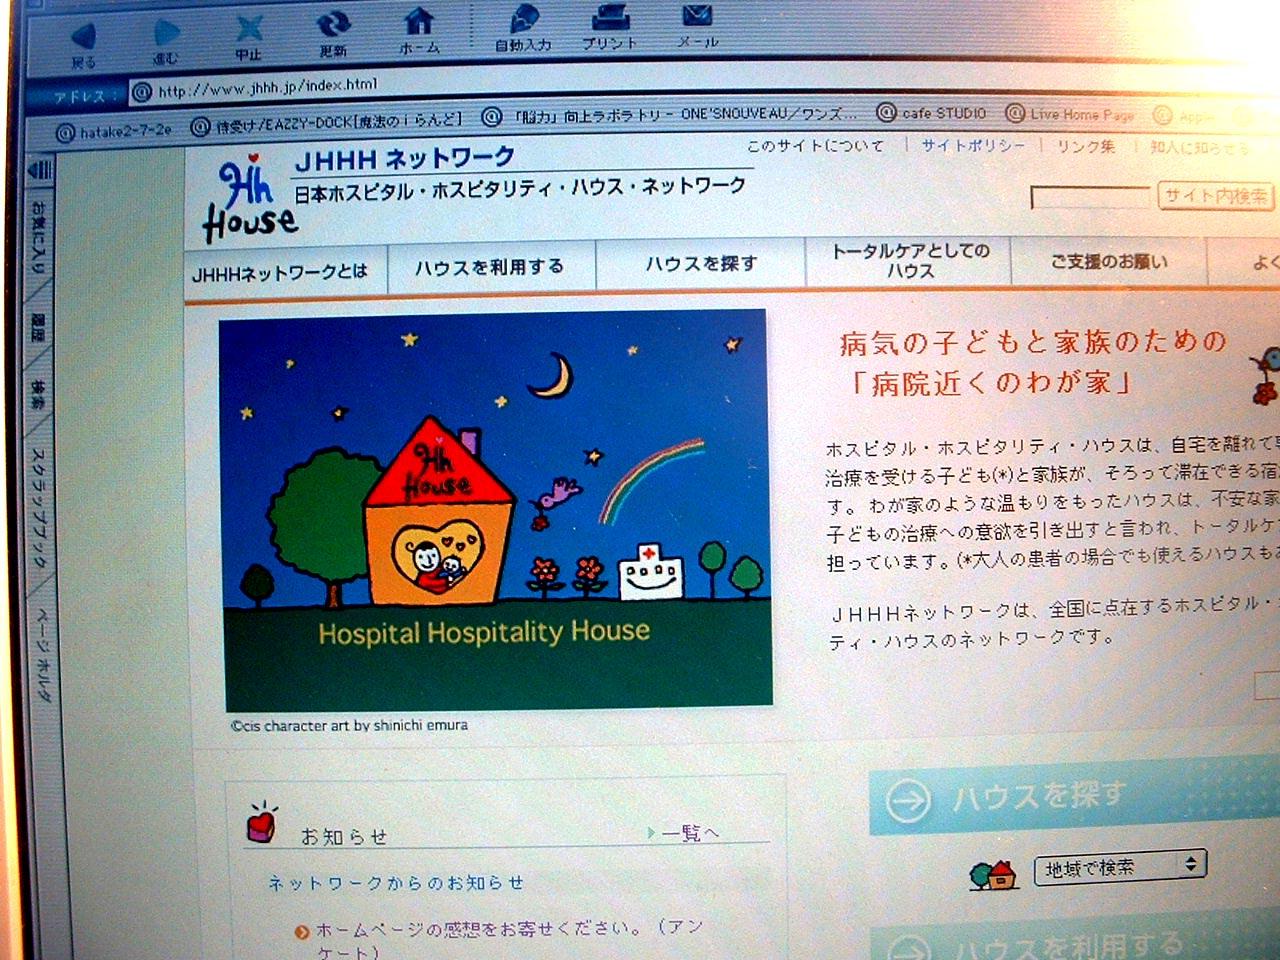 日本ホスピタルホスピタリティーハウスネットワークのキャラクター_e0082852_122928100.jpg